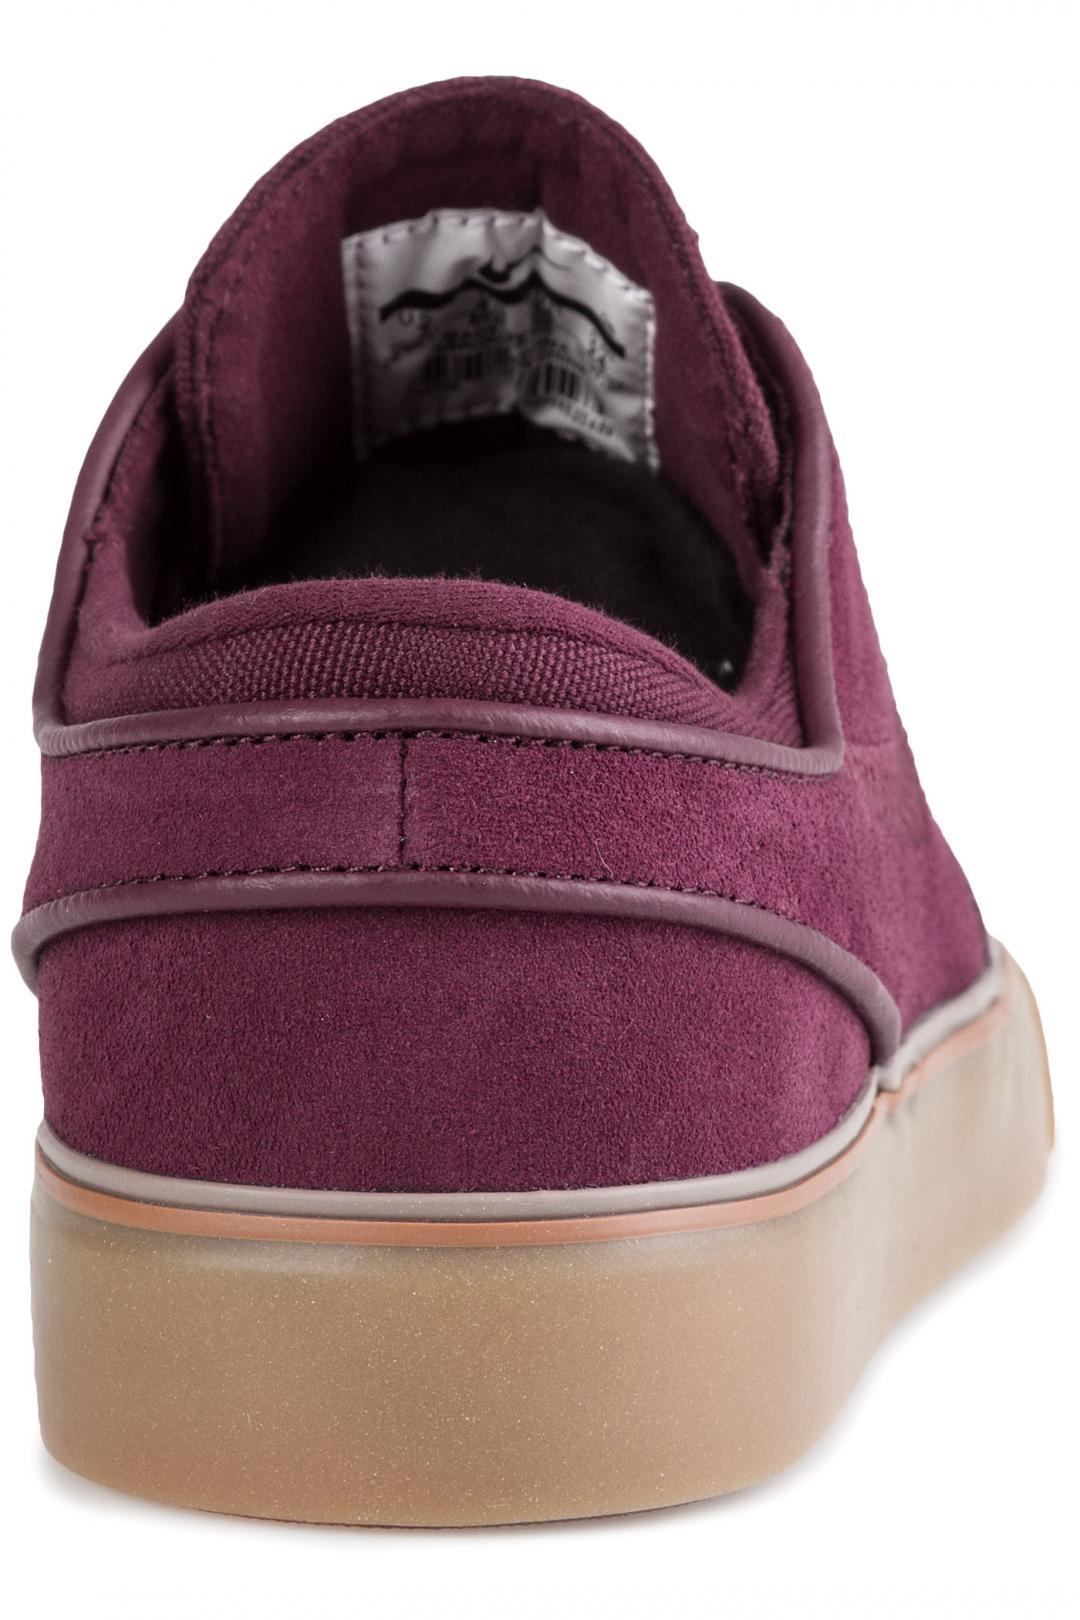 Donna Nike SB Zoom Stefan Janoski night maroon | Sneakers low top